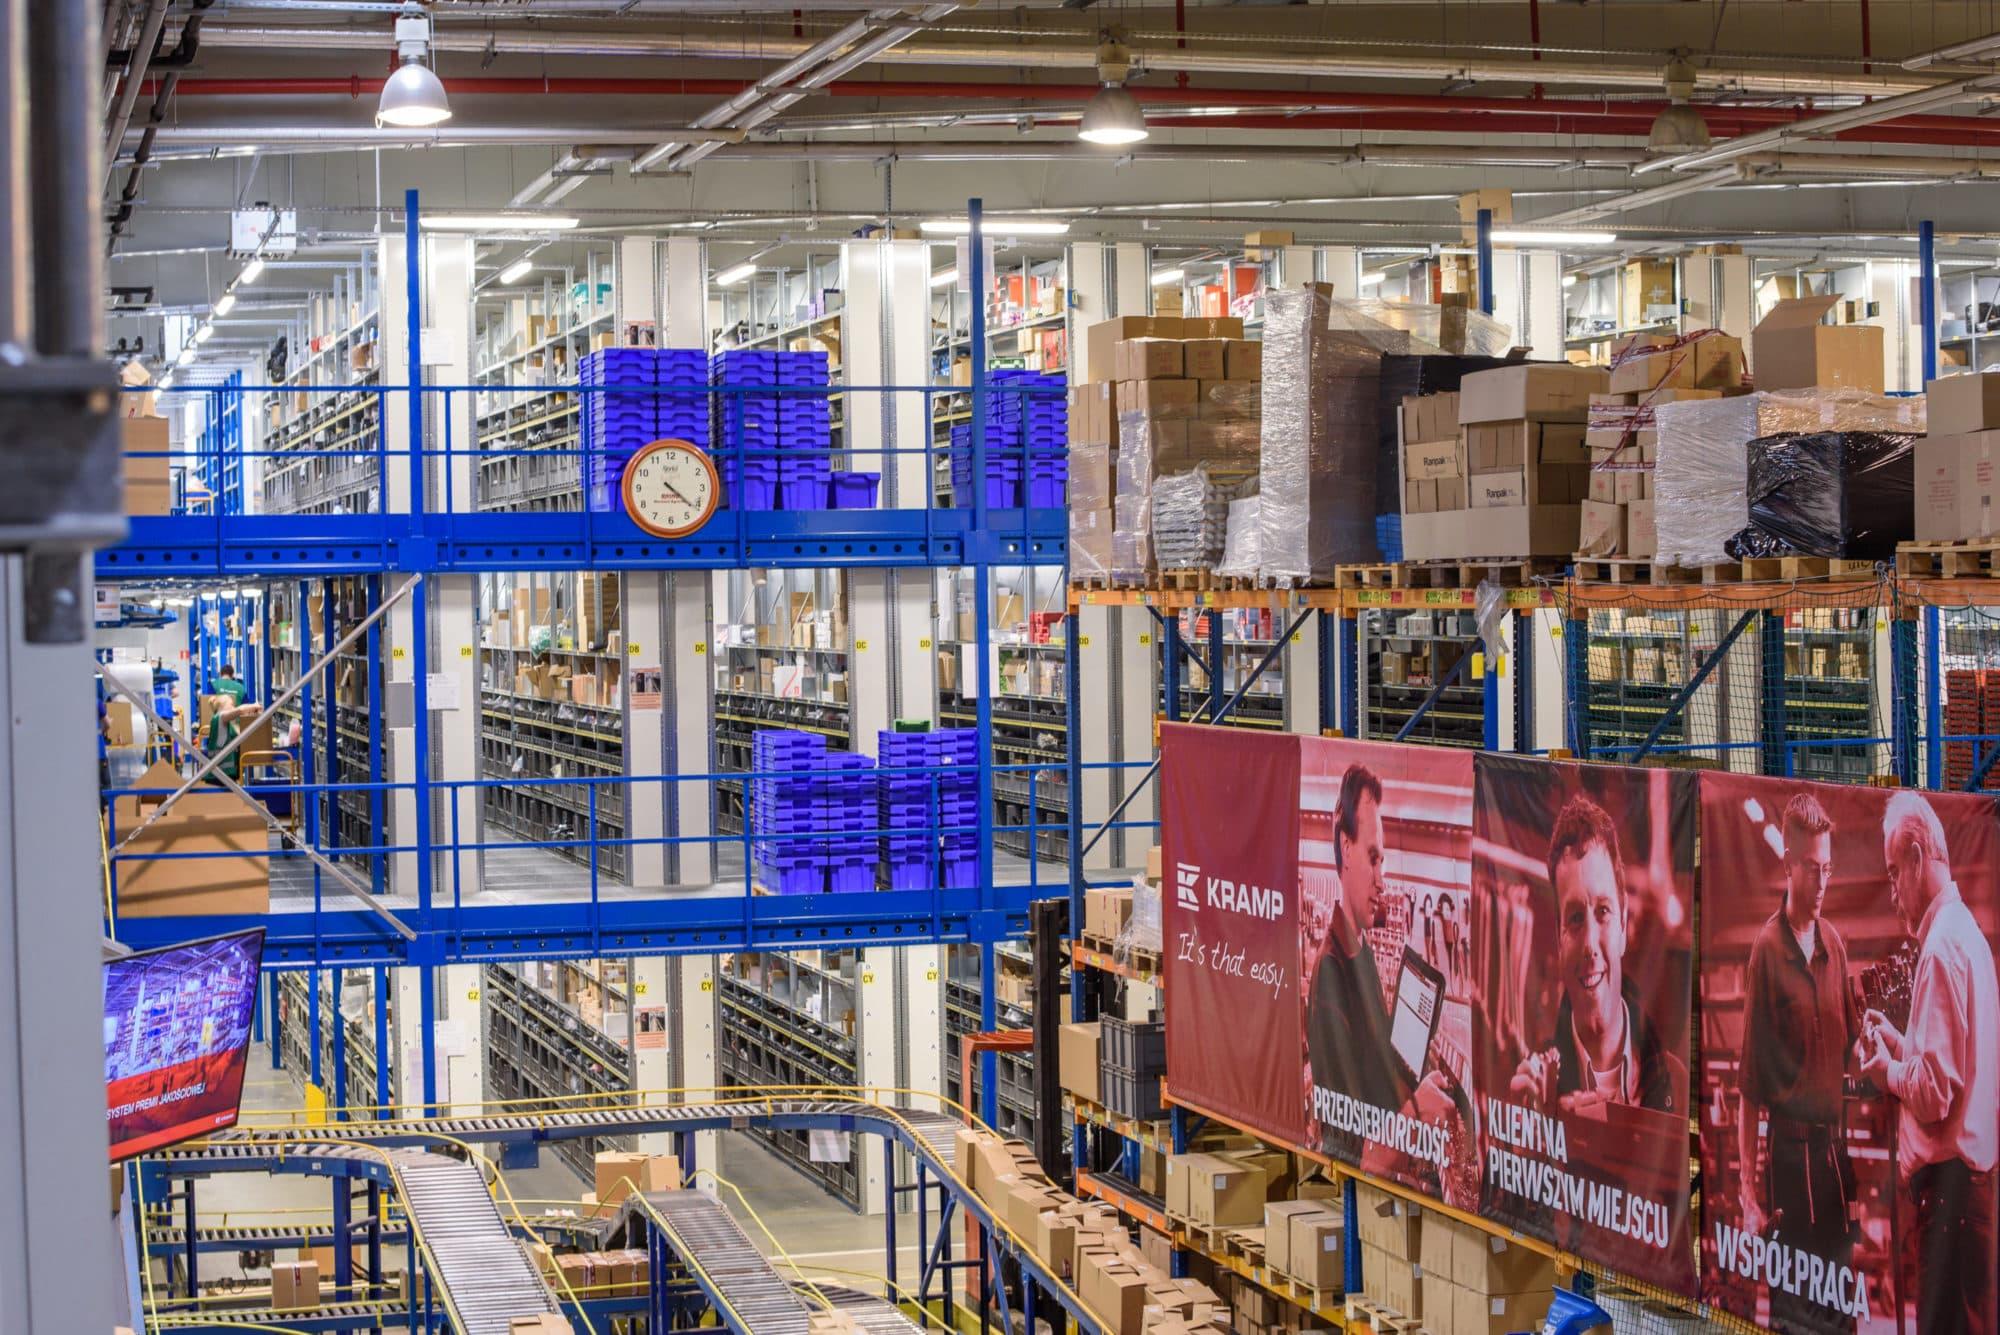 Oprawy przemysłowe Industrial i Highbay w magazynie wysokiego składowania firmy Grene Kramp - Luxon LED